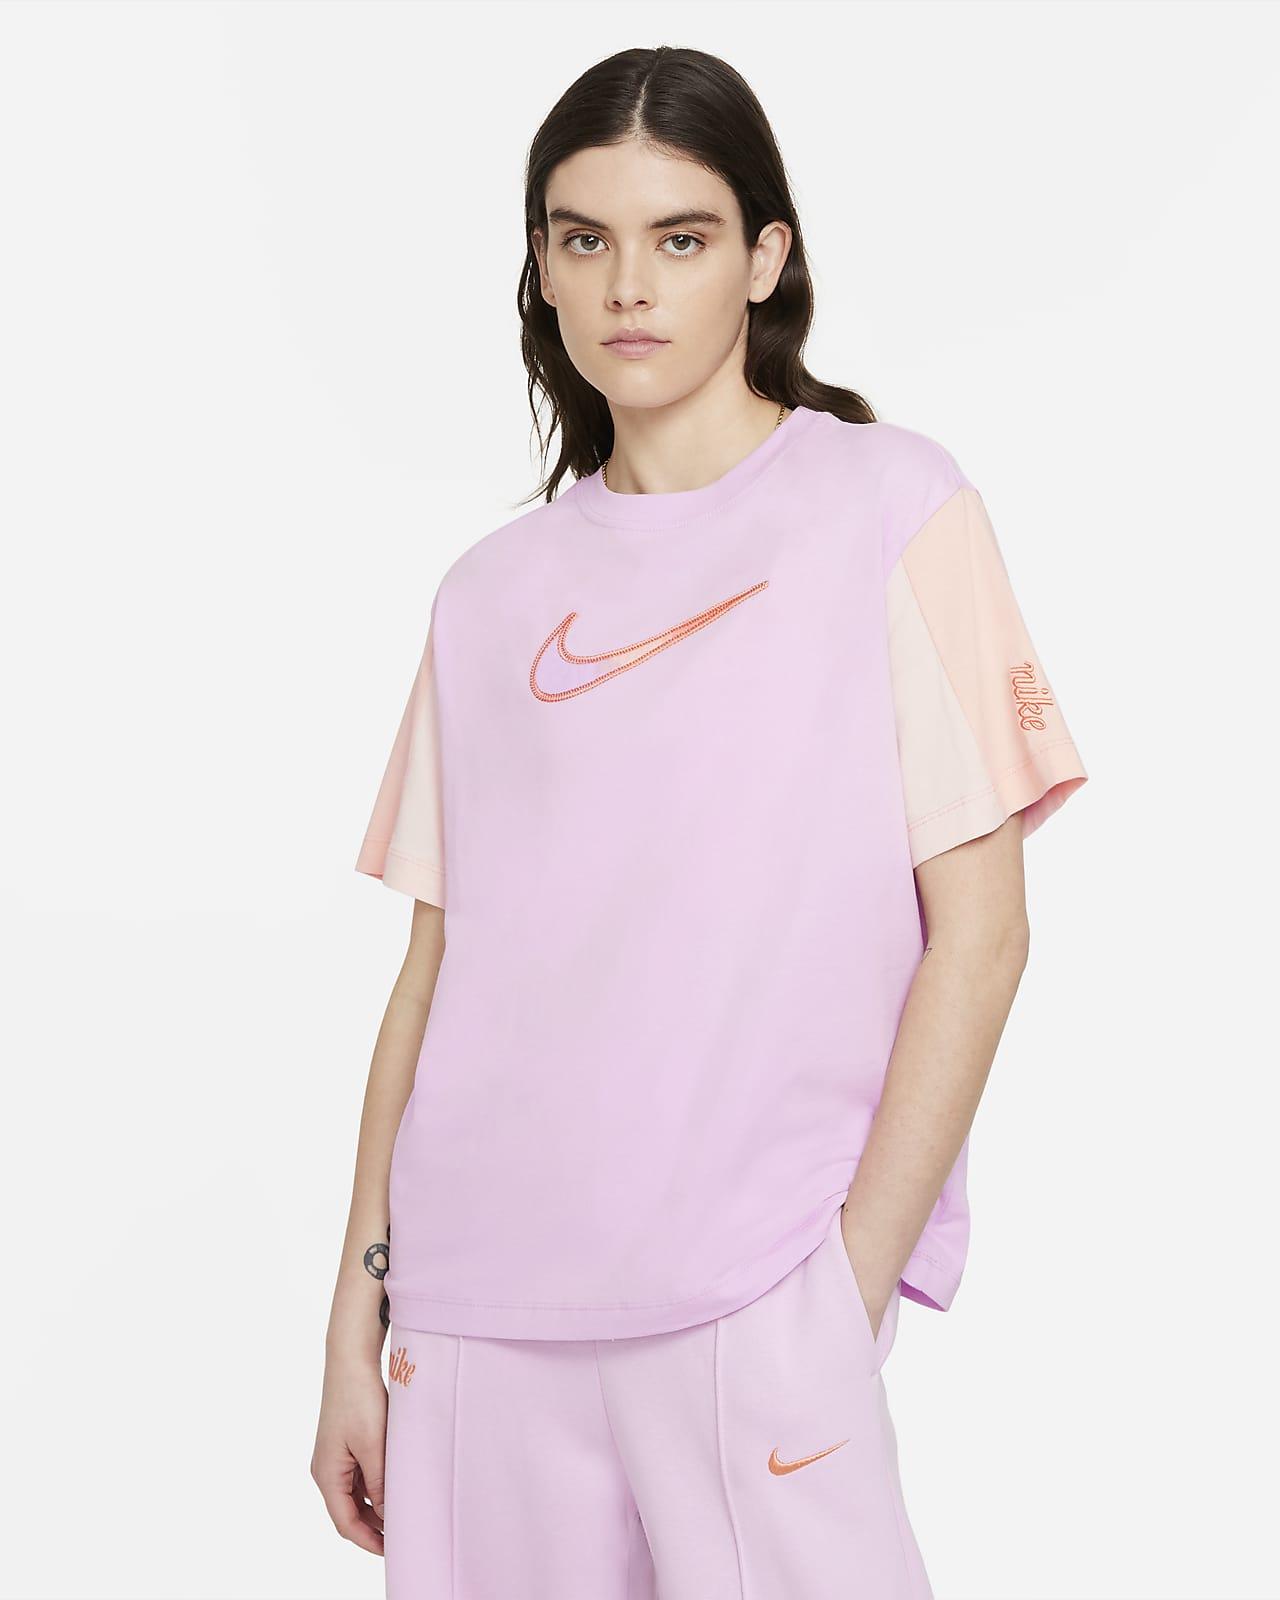 Nike Sportswear Essential Women's Short-Sleeve Top